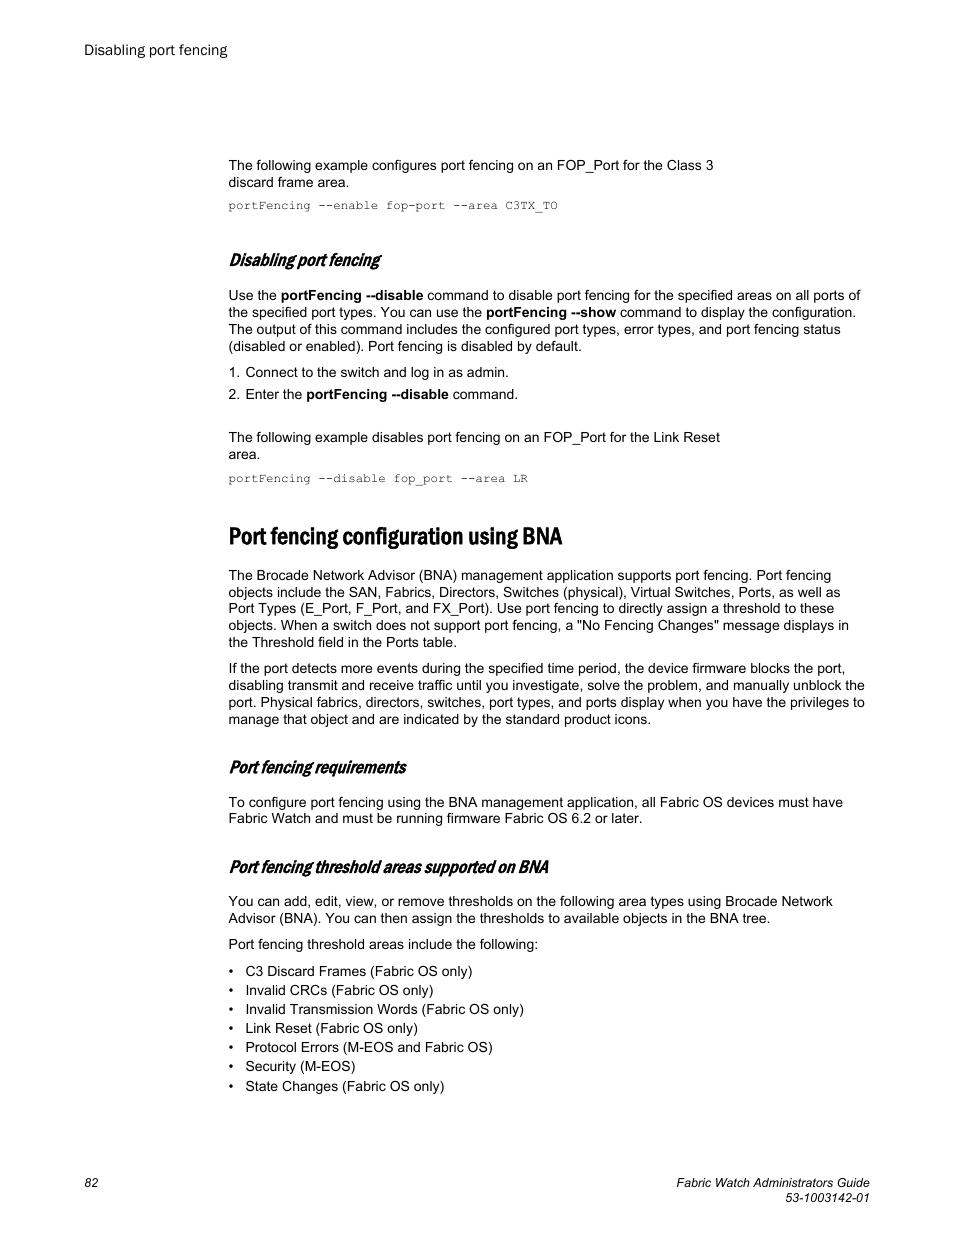 Disabling port fencing, Port fencing configuration using bna